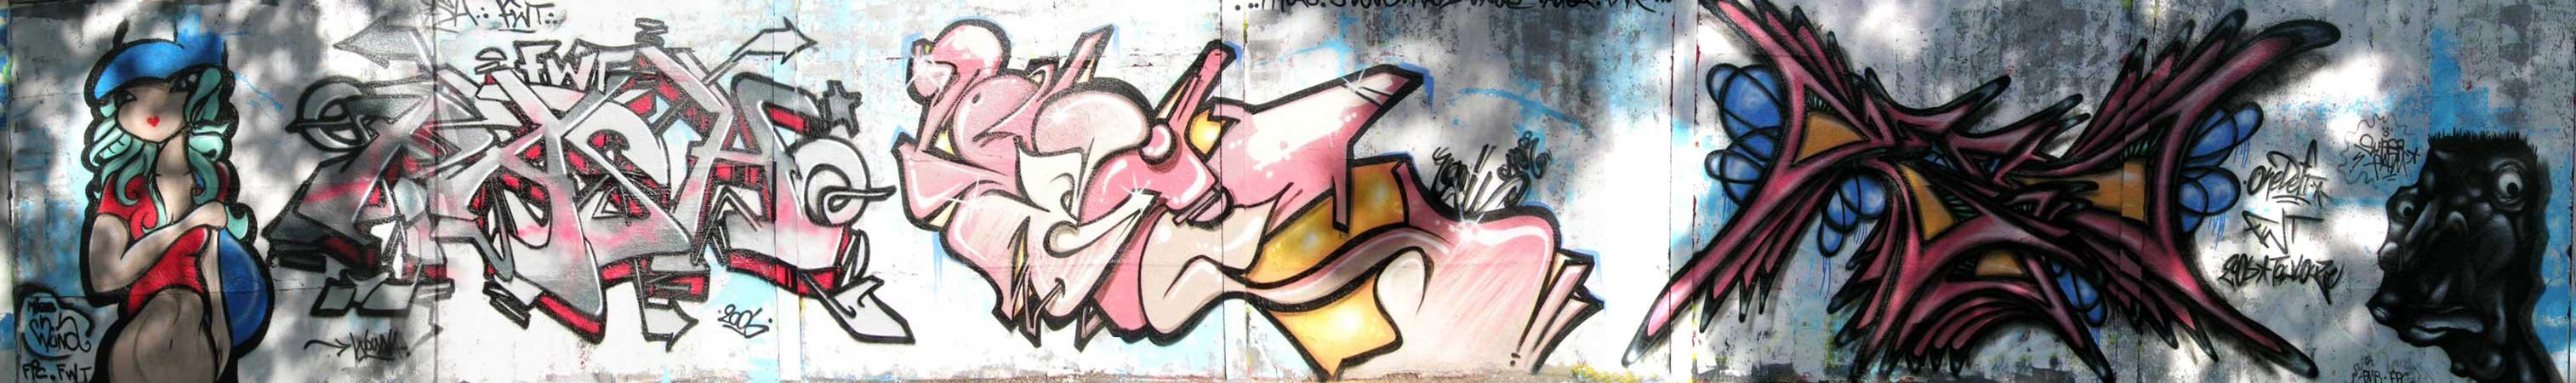 2006_09_toulouse_loeil